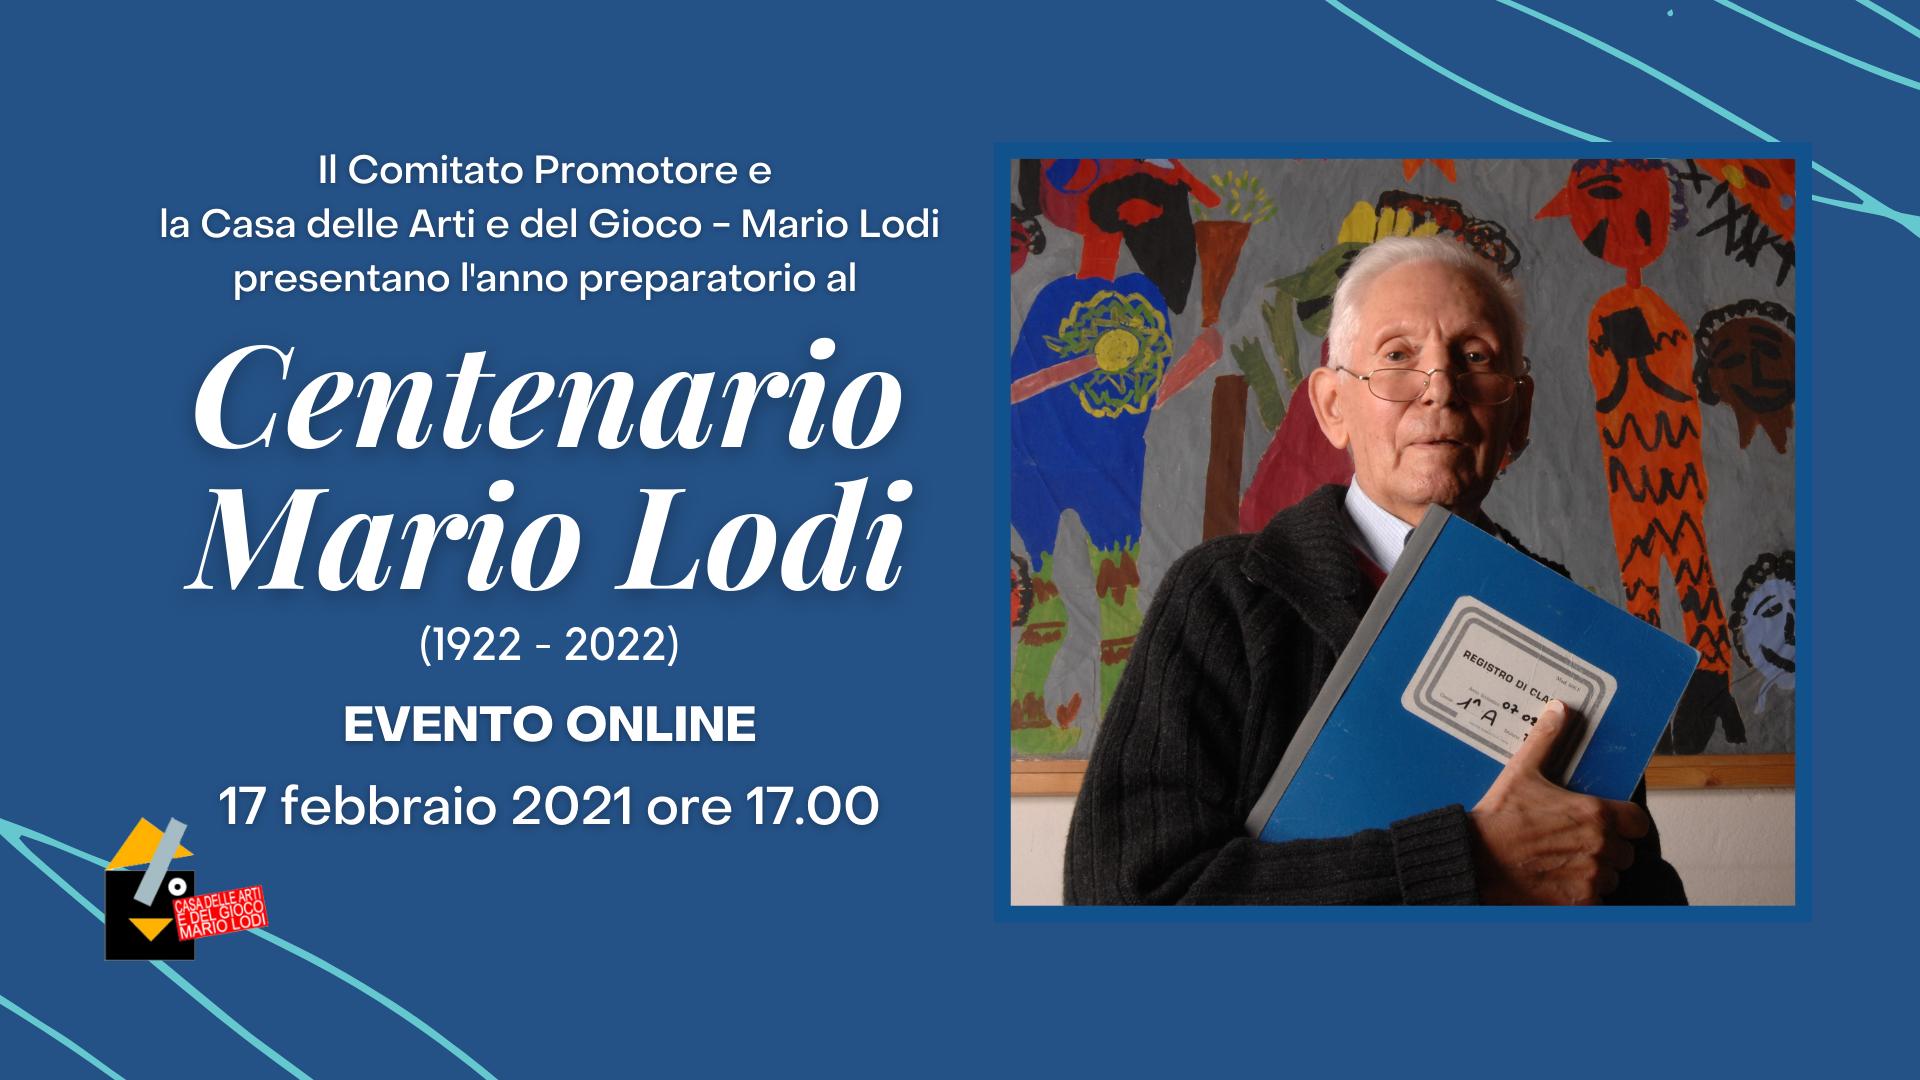 Centenario Mario Lodi (1922-2022): EVENTO DI AVVIO DELL'ANNO PREPARATORIO